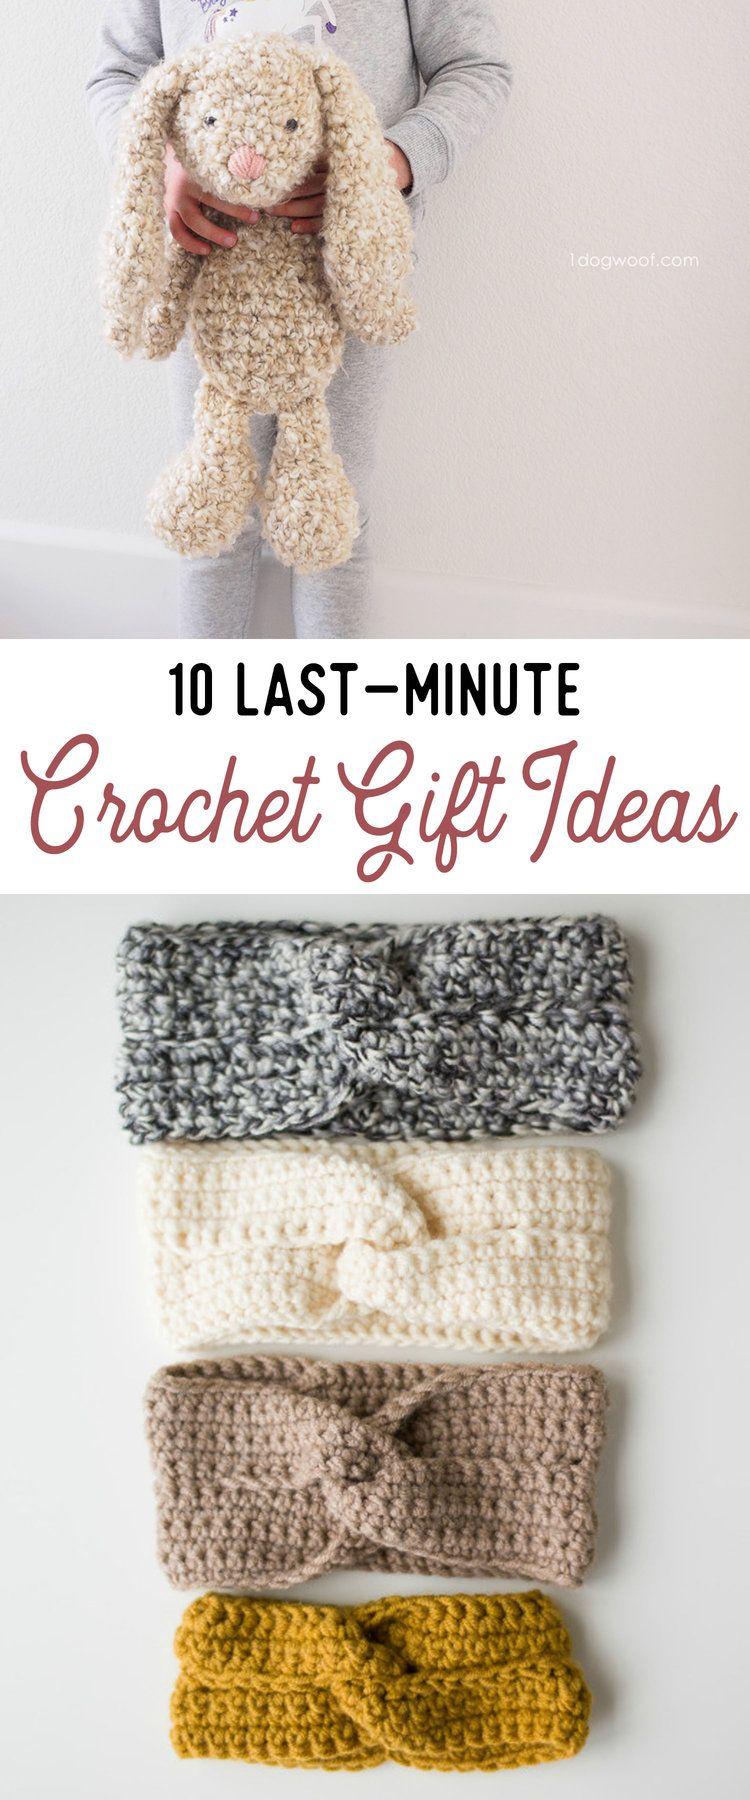 Ten Last-Minute Crochet Gift Ideas (All Free Patterns!) | Needle ...